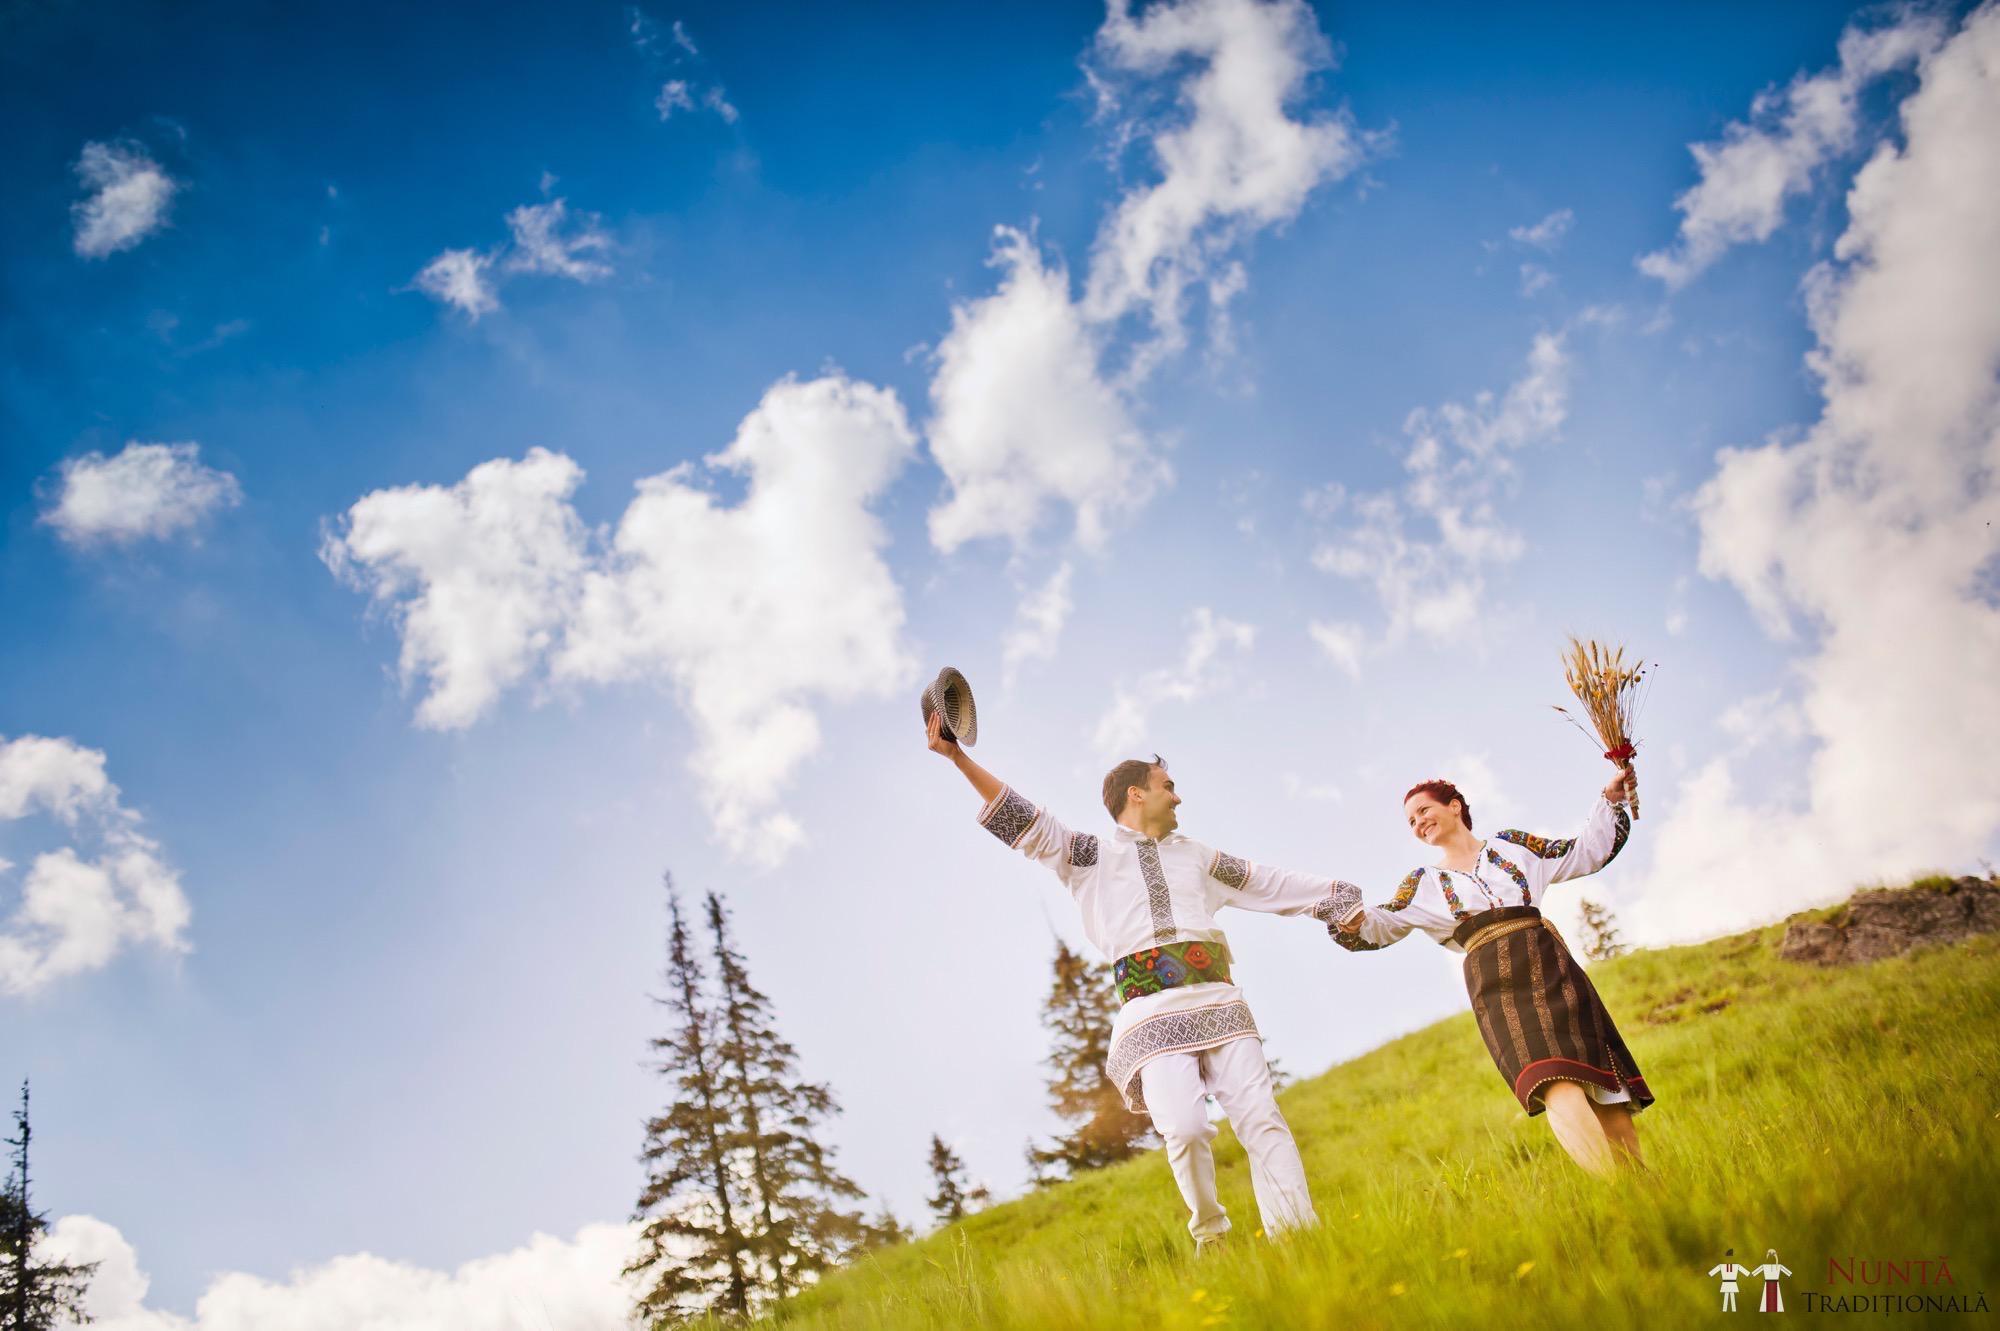 Povești Nunți Tradiționale - Gabriela și Mădălin - Nuntă Tradițională în Suceava, Bucovina 25